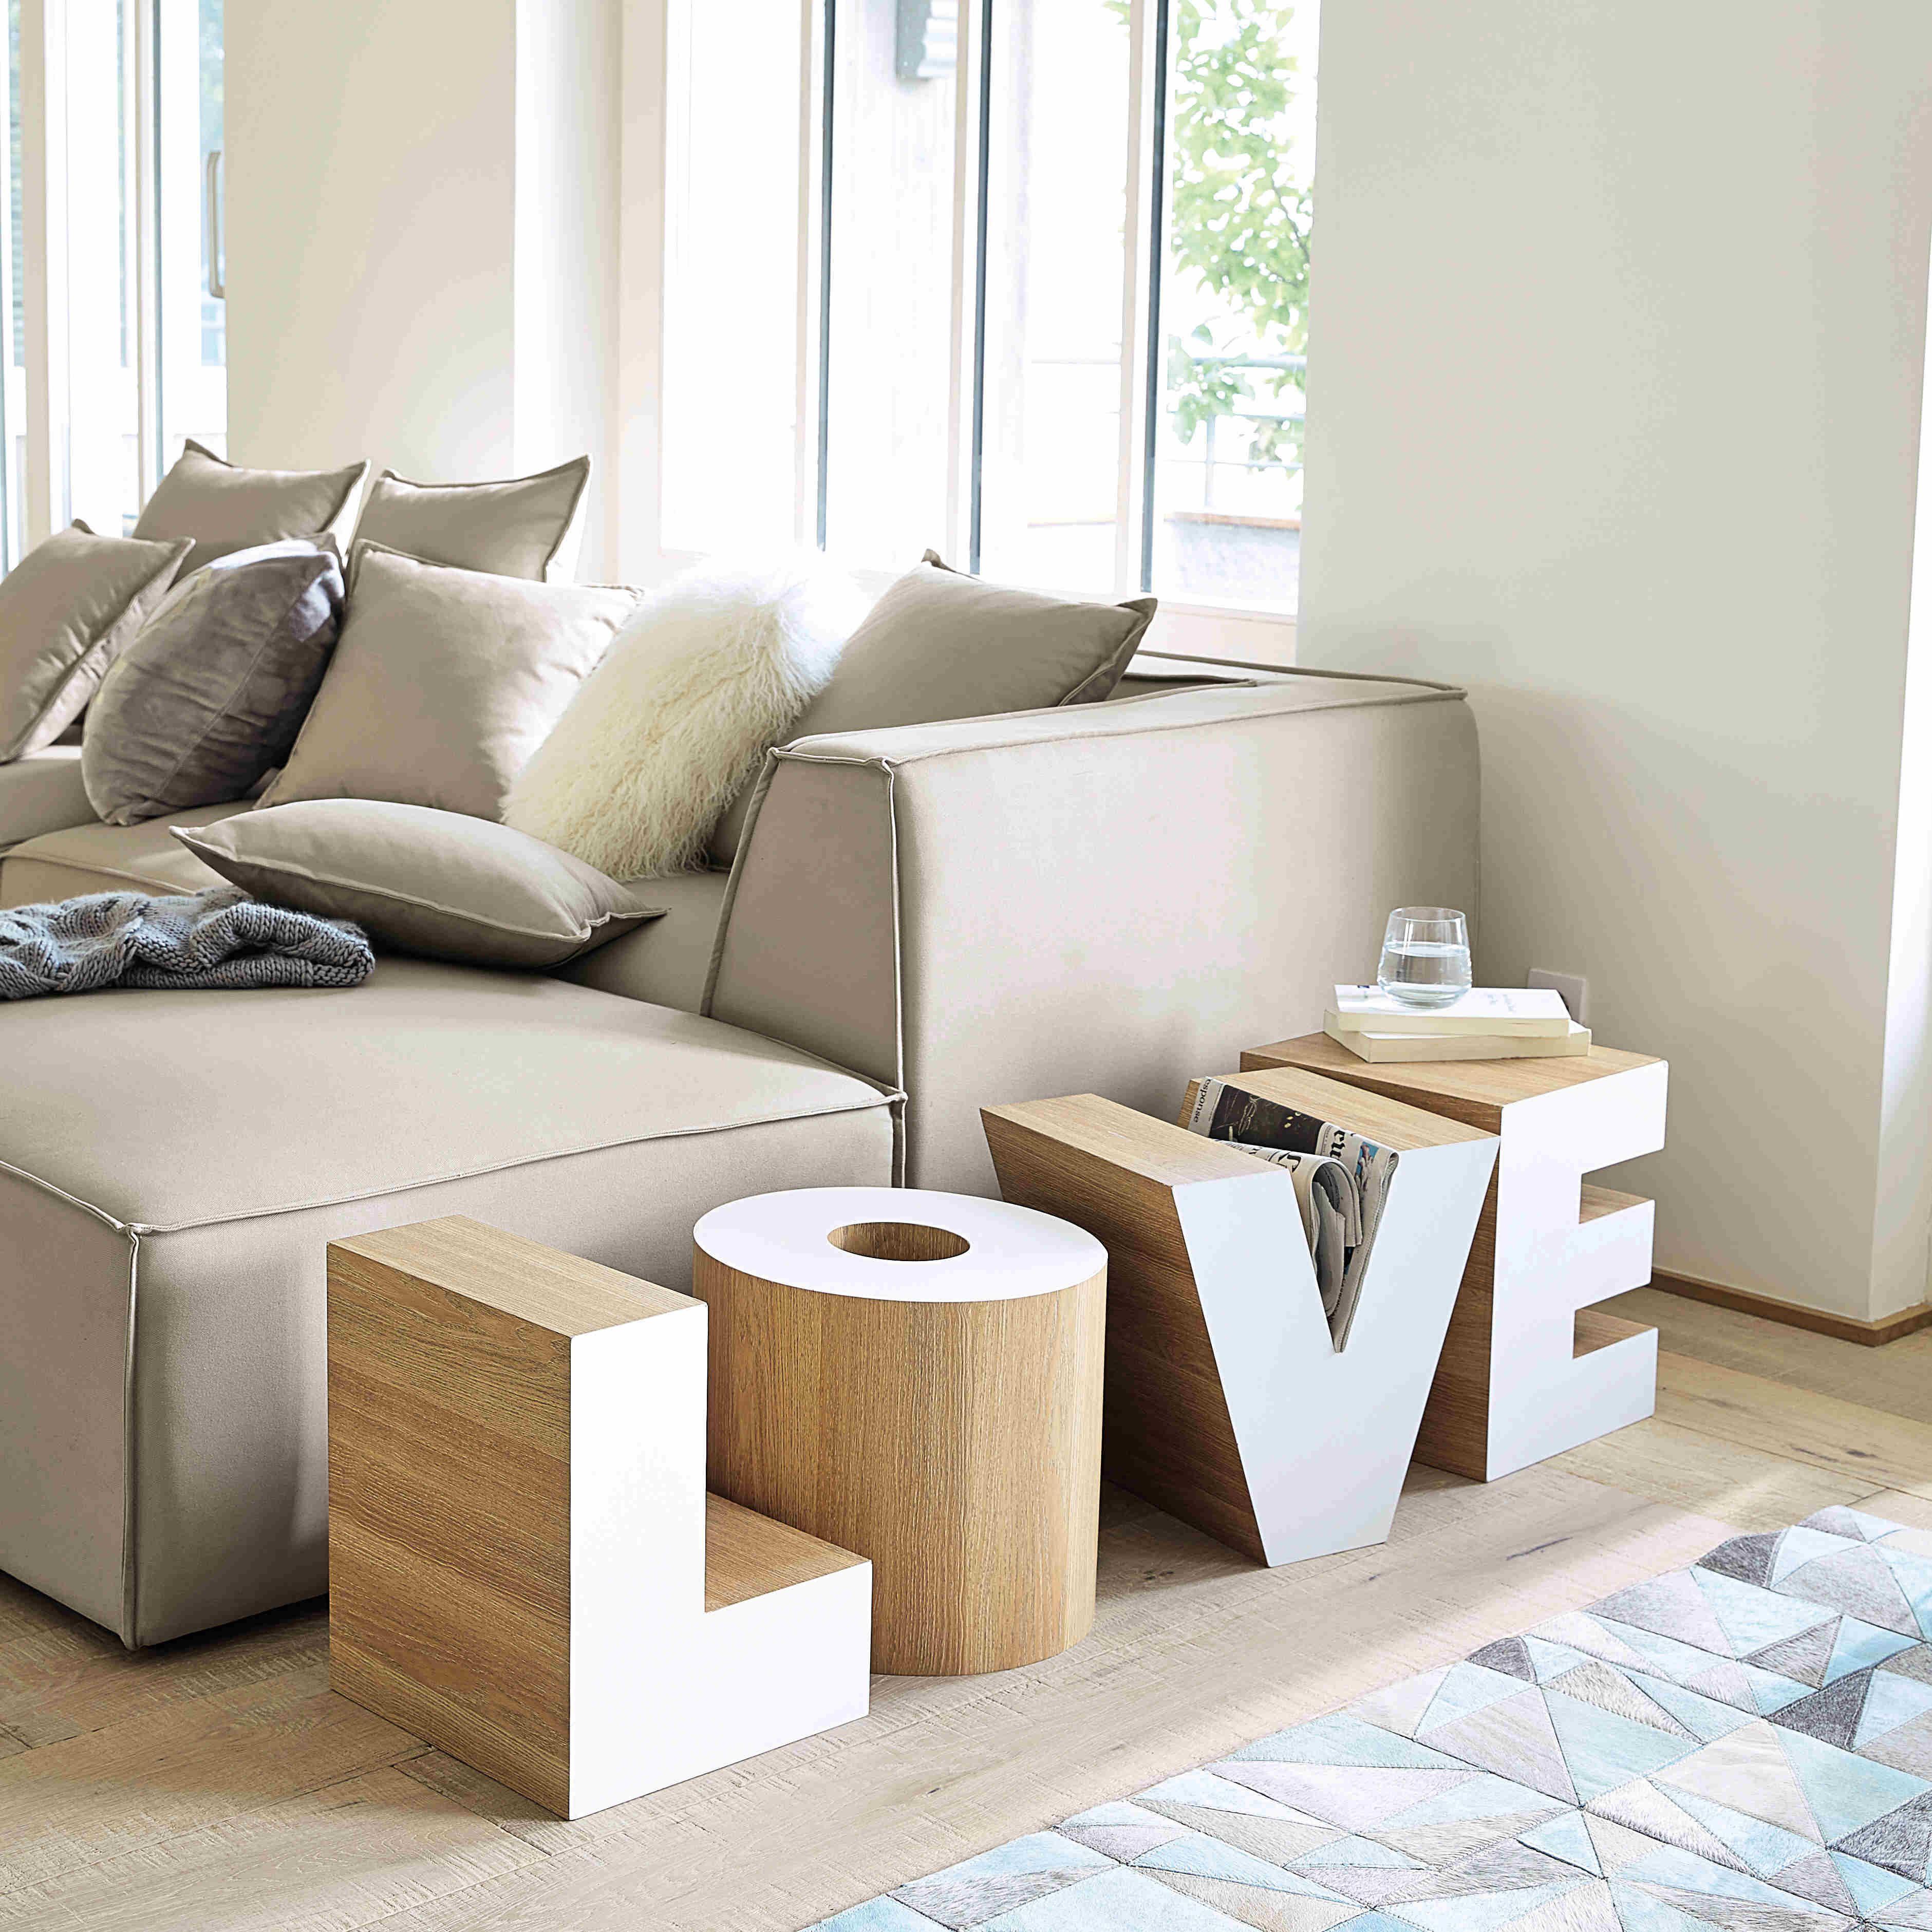 best salon de jardin en bois maison du monde gallery amazing house design. Black Bedroom Furniture Sets. Home Design Ideas